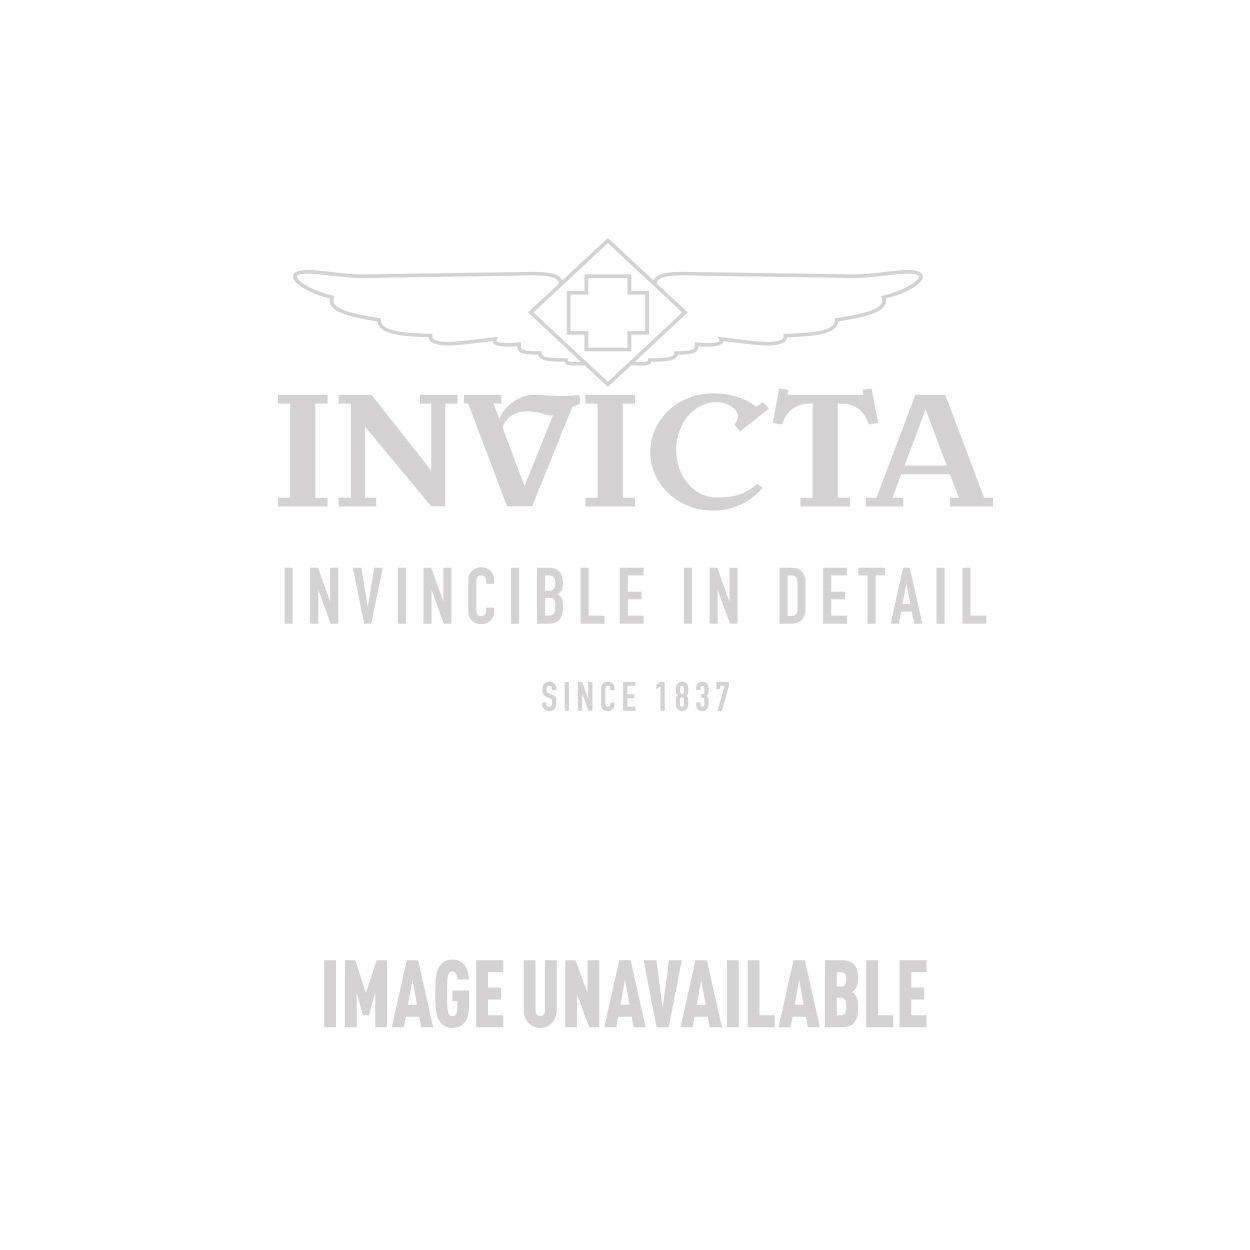 Invicta Model 28536